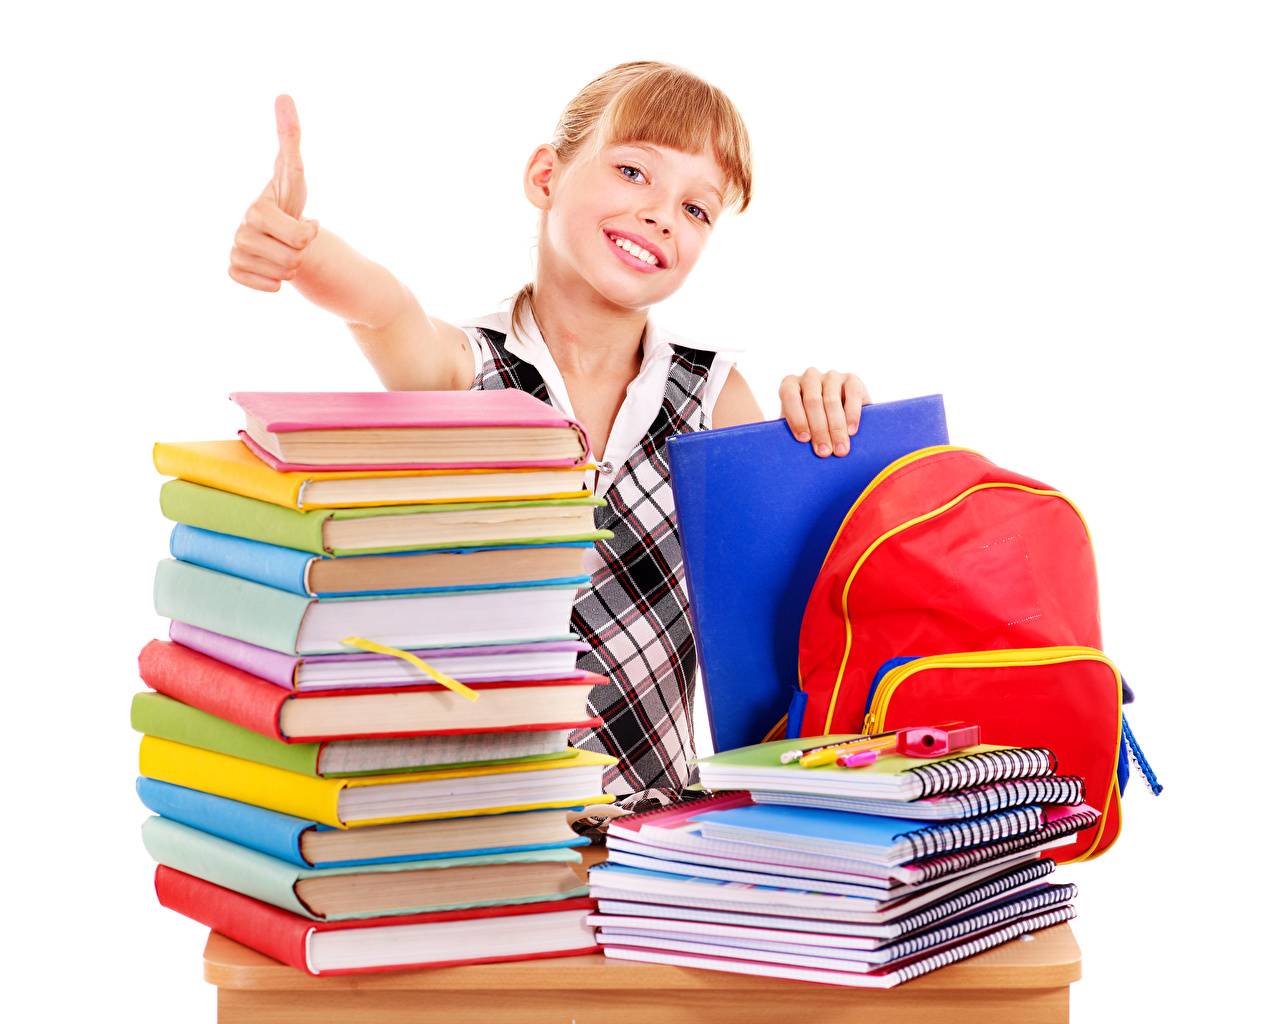 Фото Девочки Школа Дети Тетрадь Книга Пальцы смотрит белом фоне девочка школьные ребёнок книги Взгляд смотрят Белый фон белым фоном